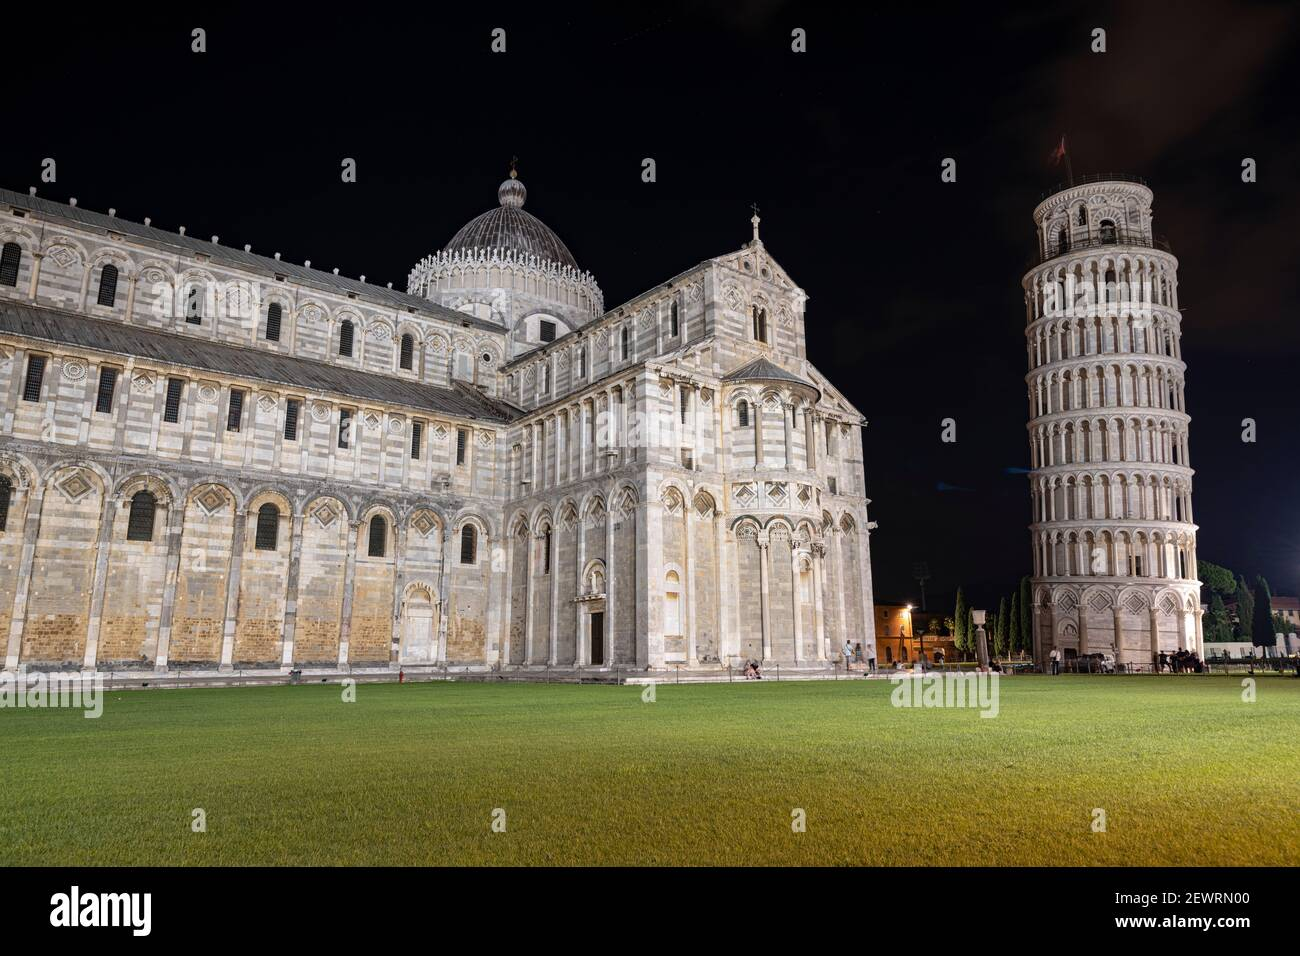 Cattedrale (Duomo) e Torre Pendente di notte, Piazza dei Miracoli, Sito Patrimonio dell'Umanità dell'UNESCO, Pisa, Toscana, Italia, Europa Foto Stock